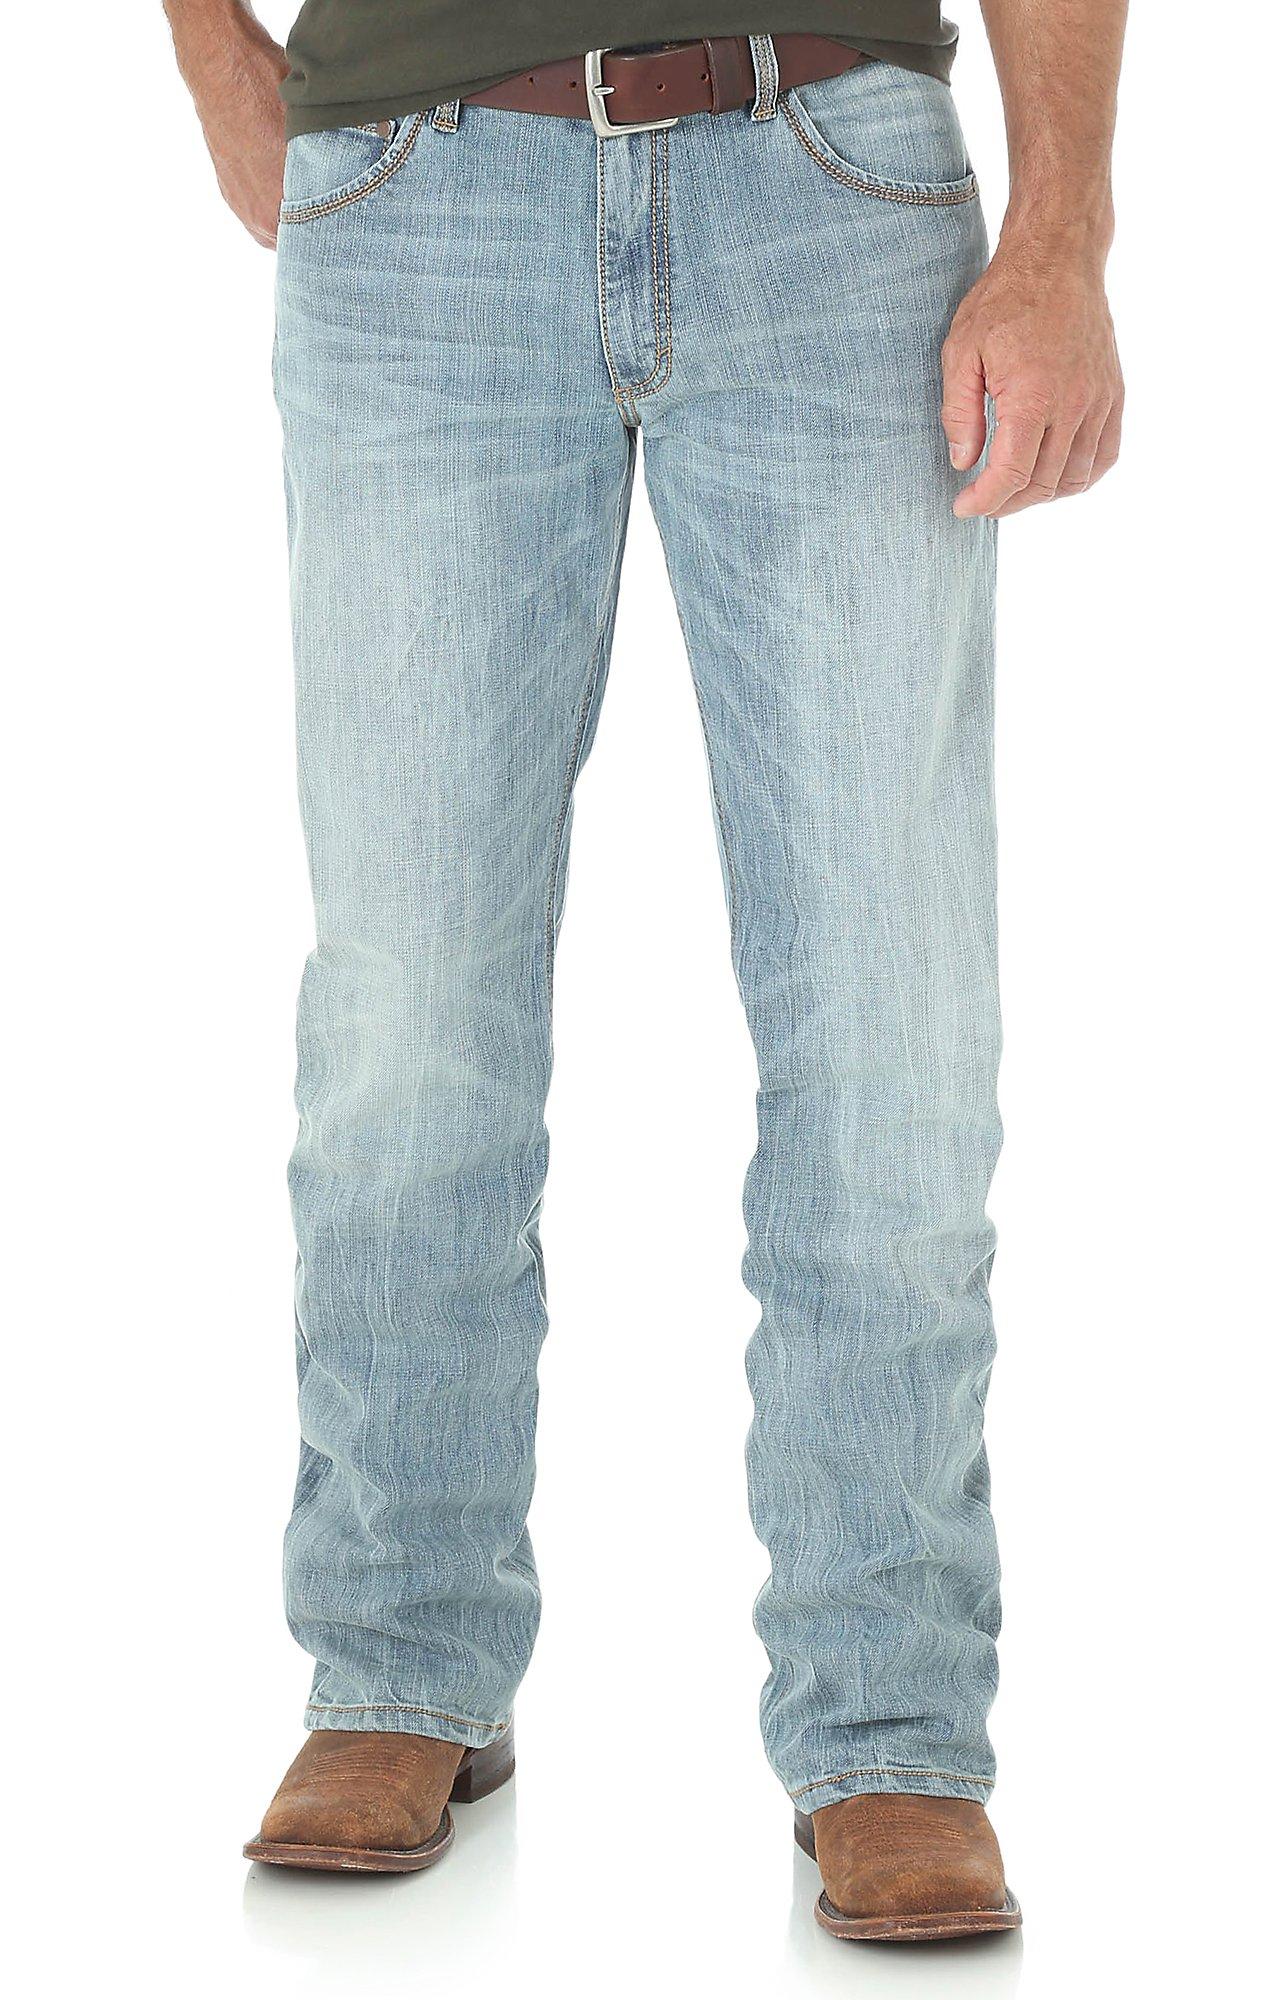 Wrangler Retro Men's Light Wash Slim Boot Cut Jeans   Cavender's